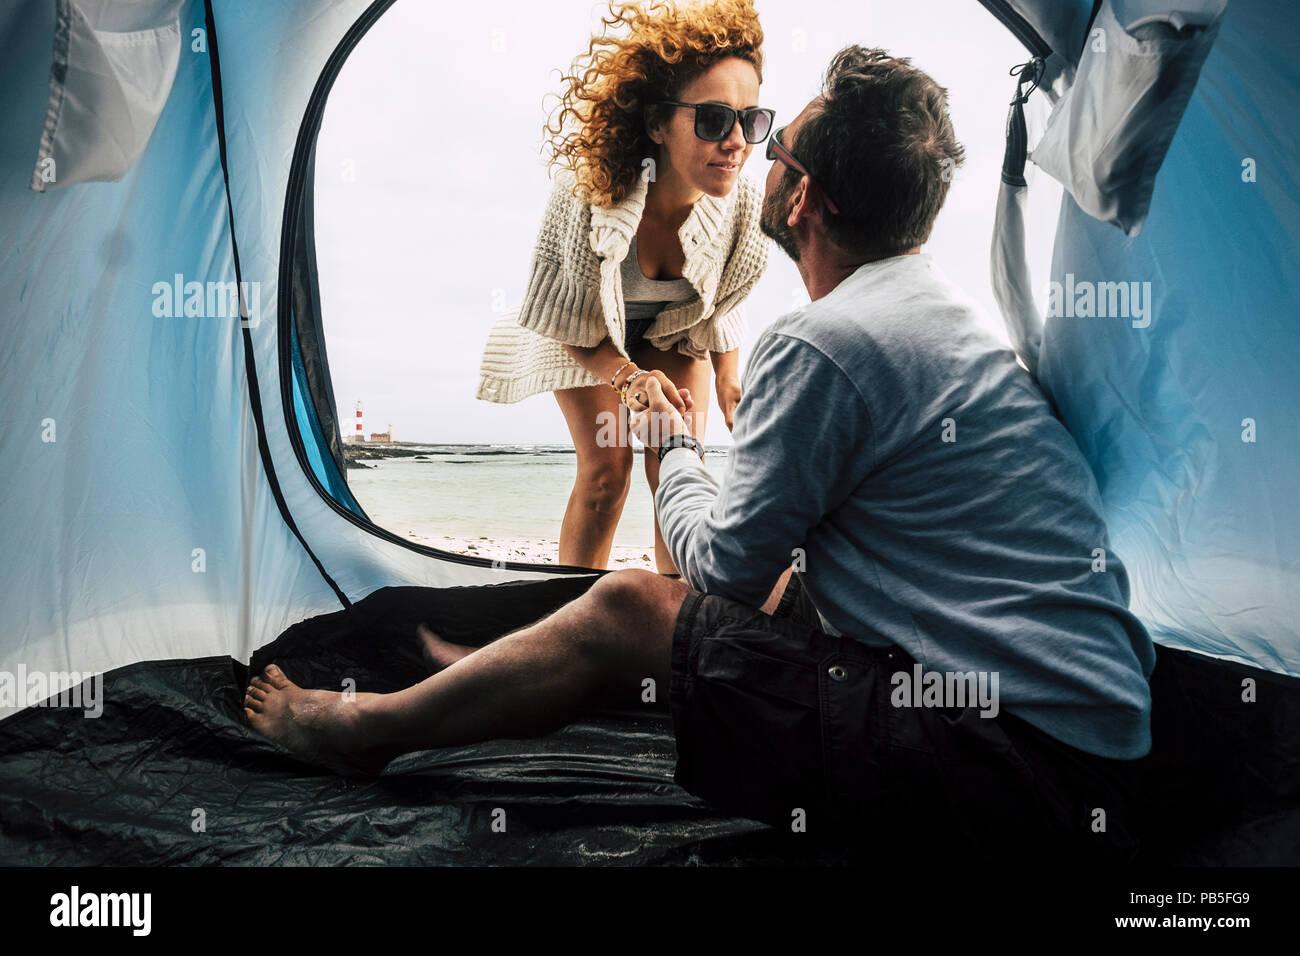 Par de mujer caucásica y hombres de 40 años de edad en el amor acampar en la playa en lugar del trópico, que viven cerca del océano y disfrutando de las vacaciones en carpa. ki Imagen De Stock